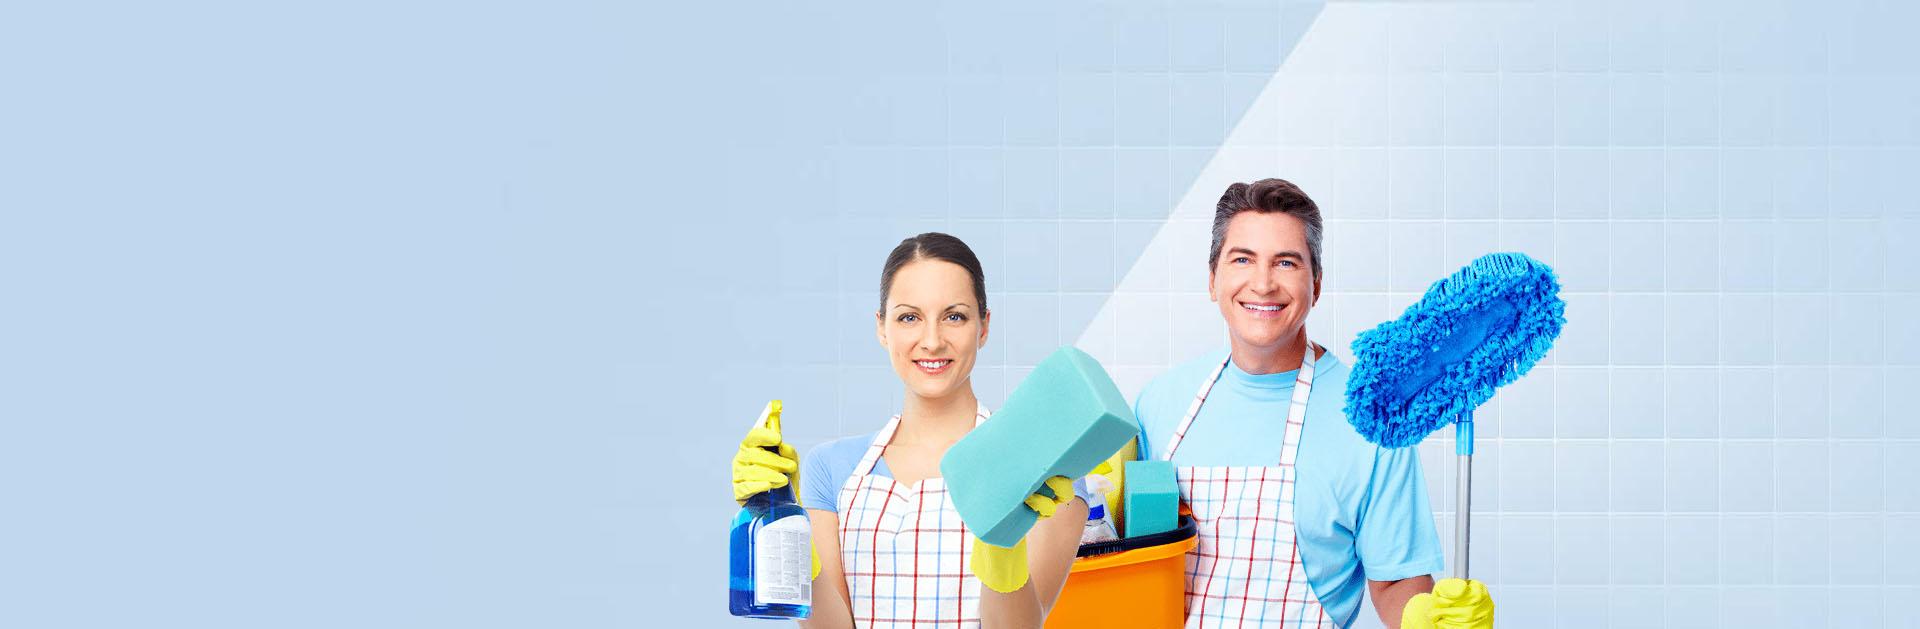 Hombre y mujer de servicios de limpieza